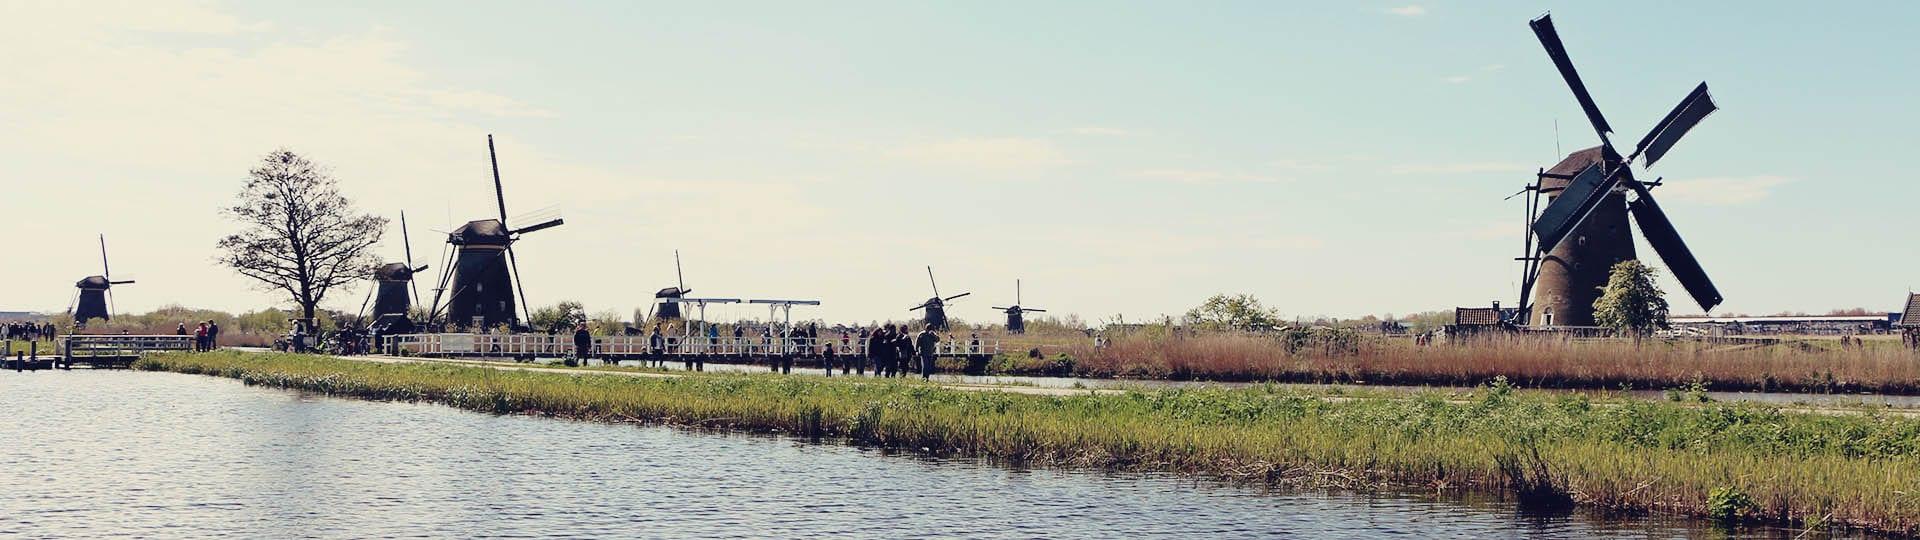 Como chegar em Kinderdijk - os primeiros moinhos da Holanda - 03